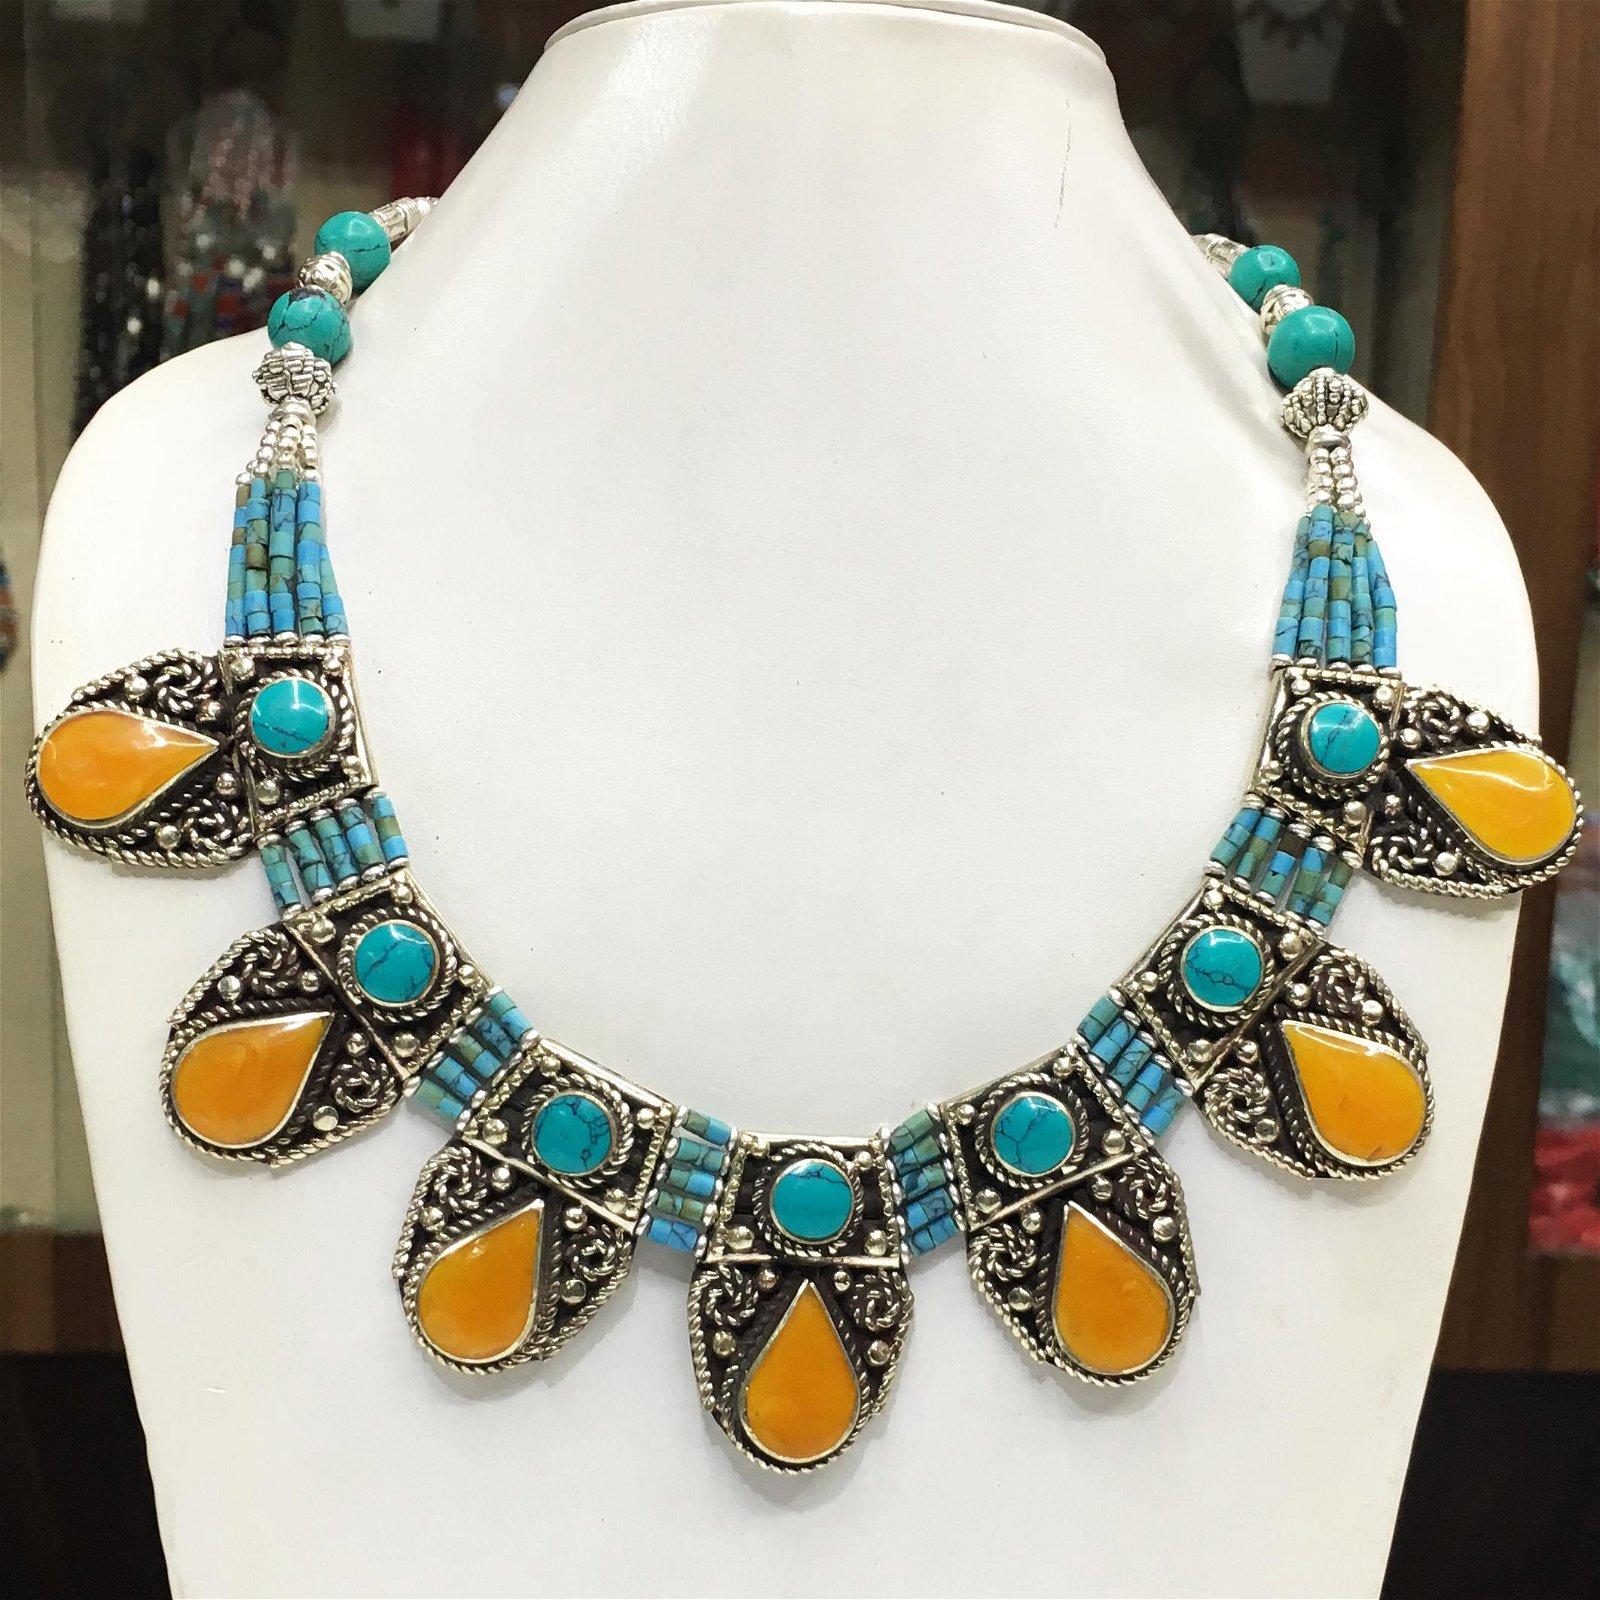 Tibetan Turquoise & Amber Handmade Ethnic Necklace